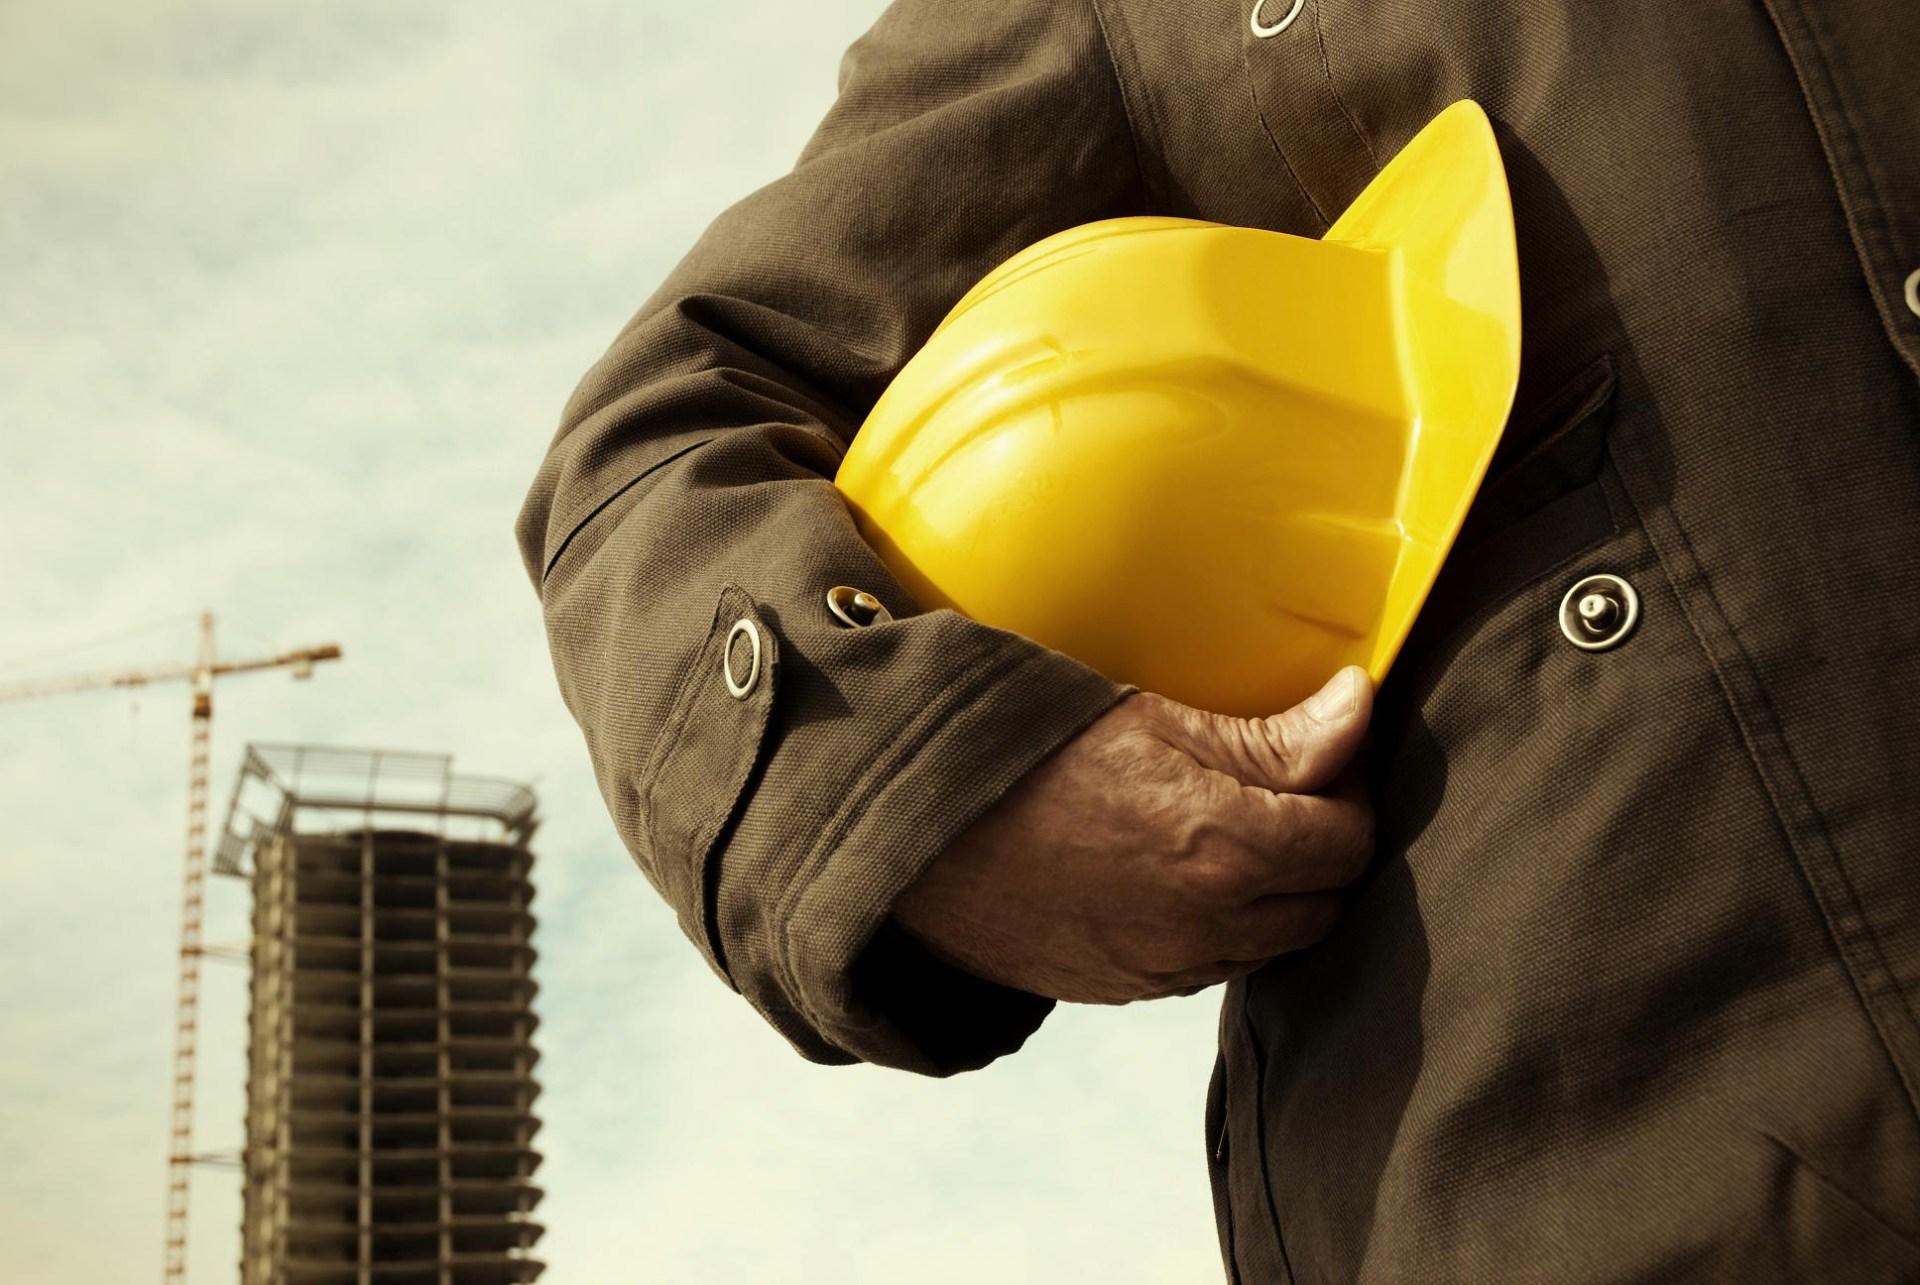 Poradenství v oblasti bezpečnosti práce a požární ochrany